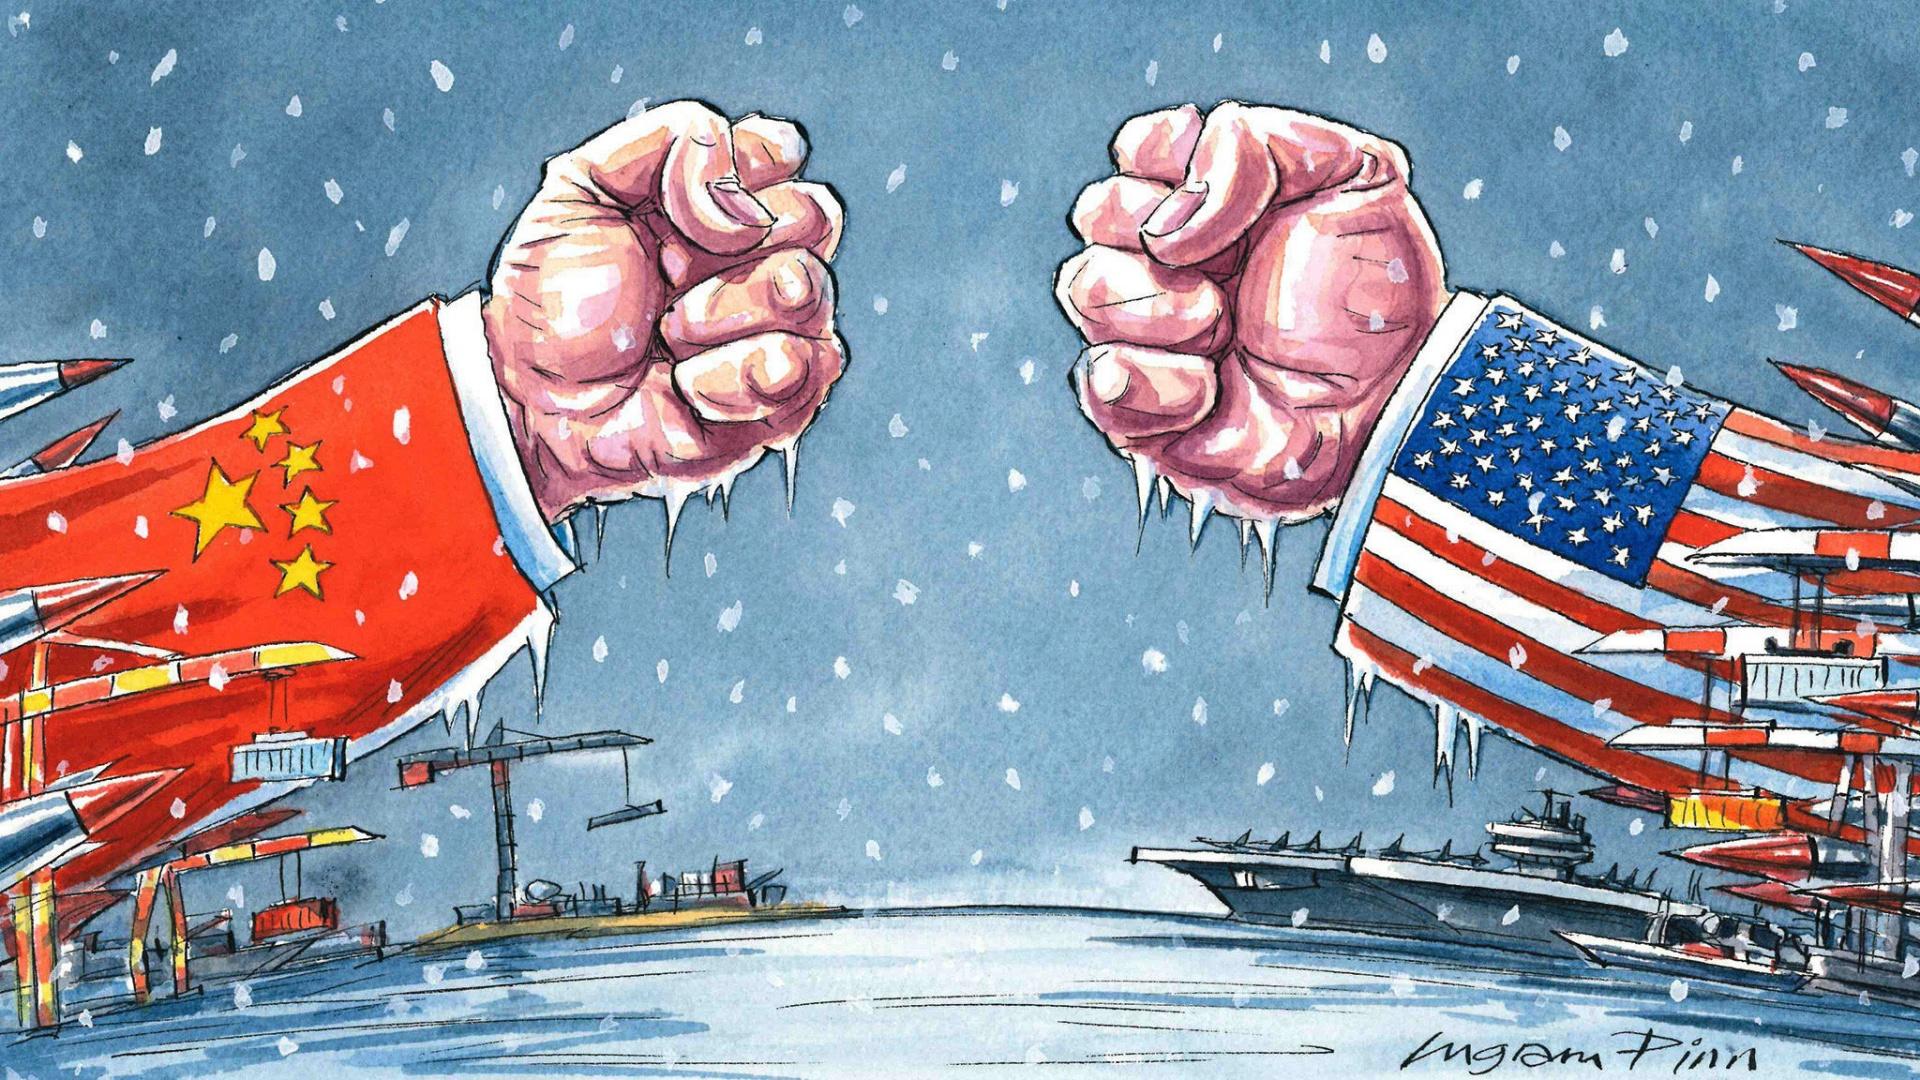 Thỏa thuận Mỹ - Trung giai đoạn 2: Đầy tham vọng nhưng khó triển vọng